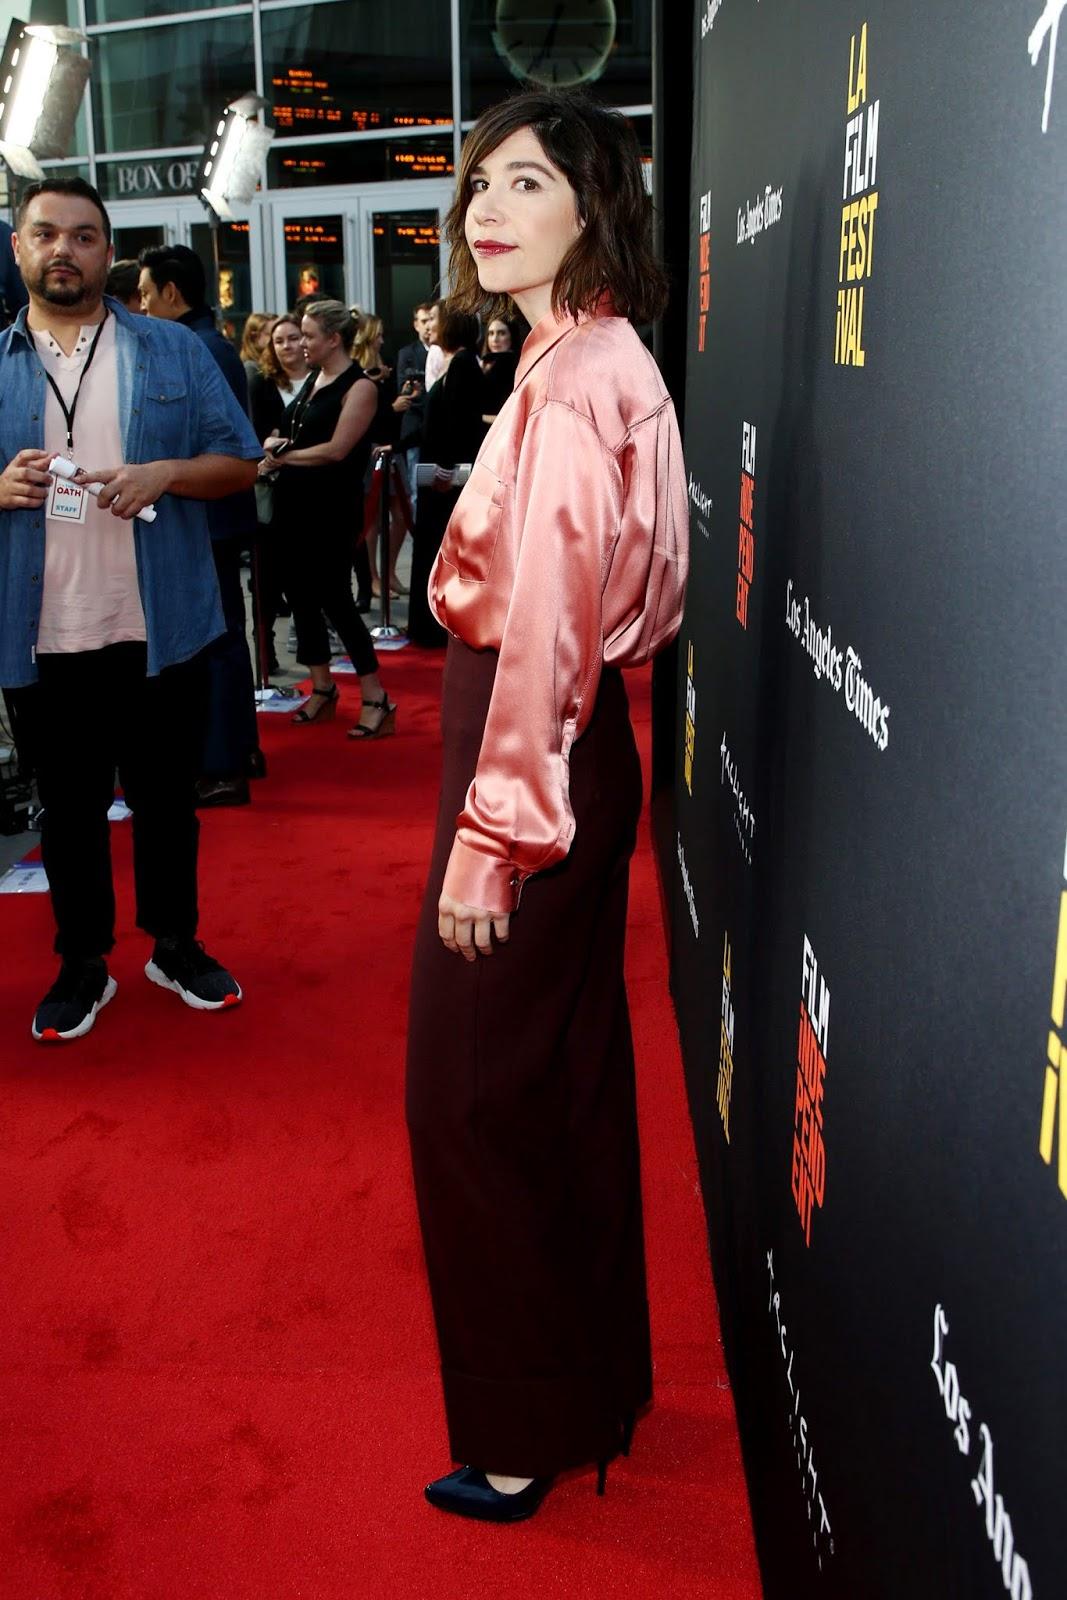 Blake Lively Red Carpet